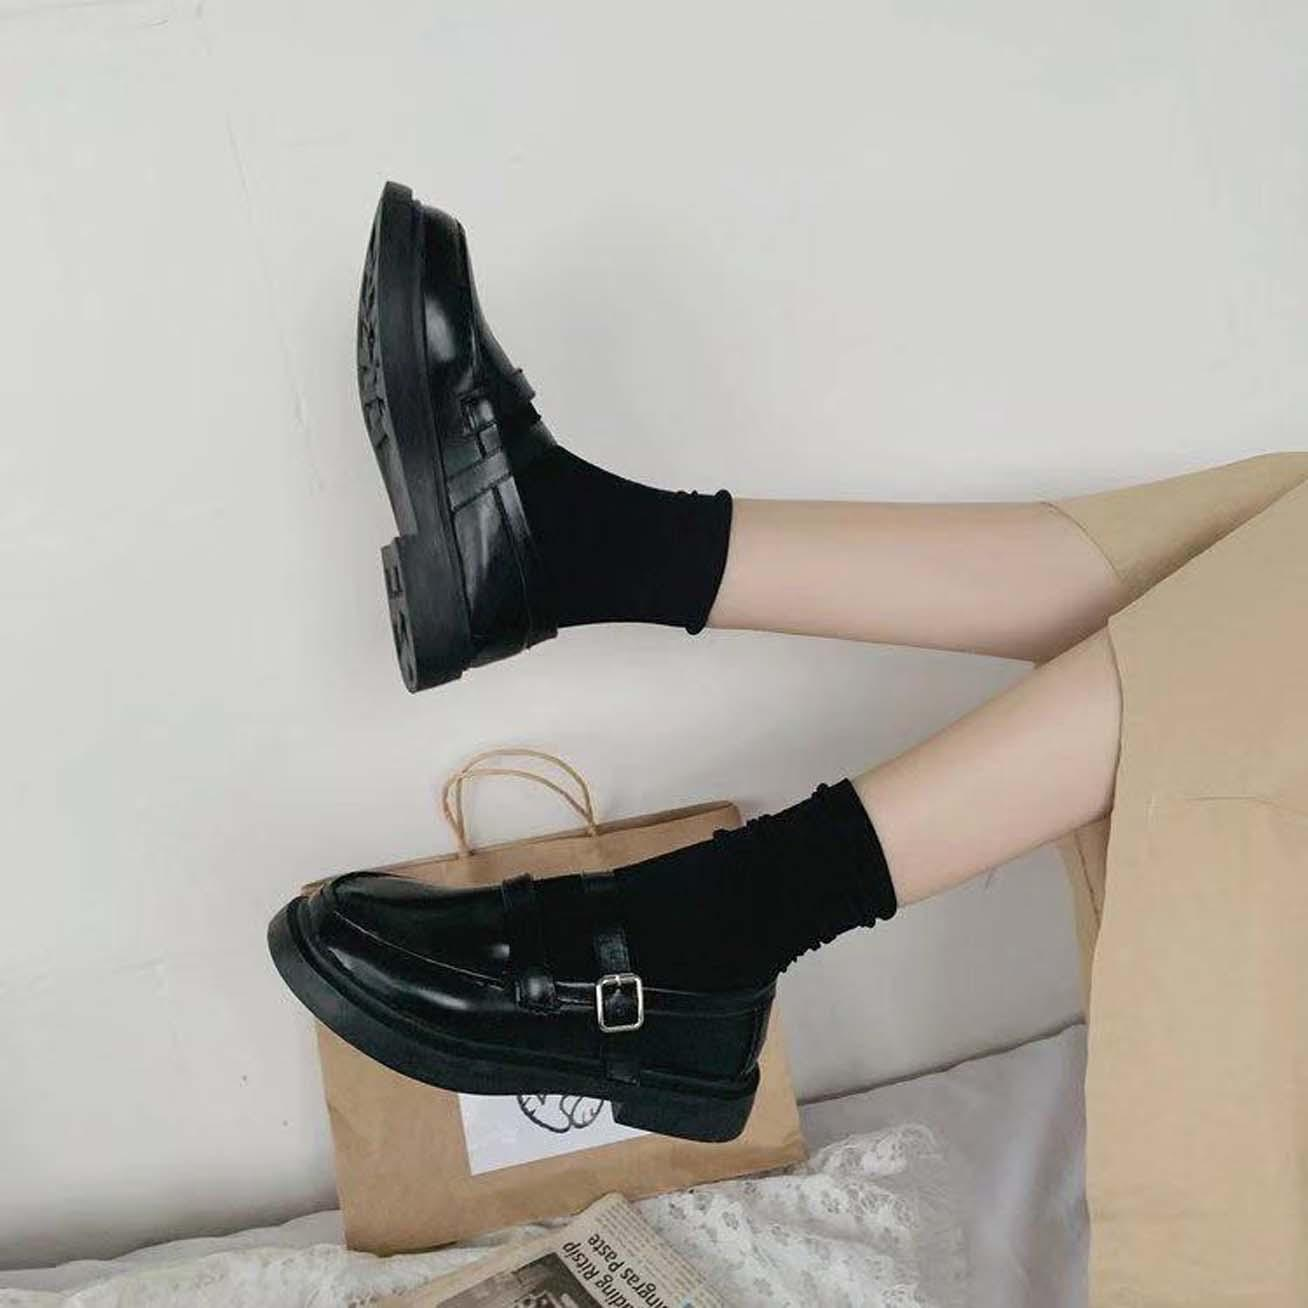 Di alta qualità delle donne degli uomini delle scarpe da tennis Speed Trainer Low-Cut piana di modo Calzino Stivali Casual Shoes Speed Trainer Walking Shoes shoe008 P056